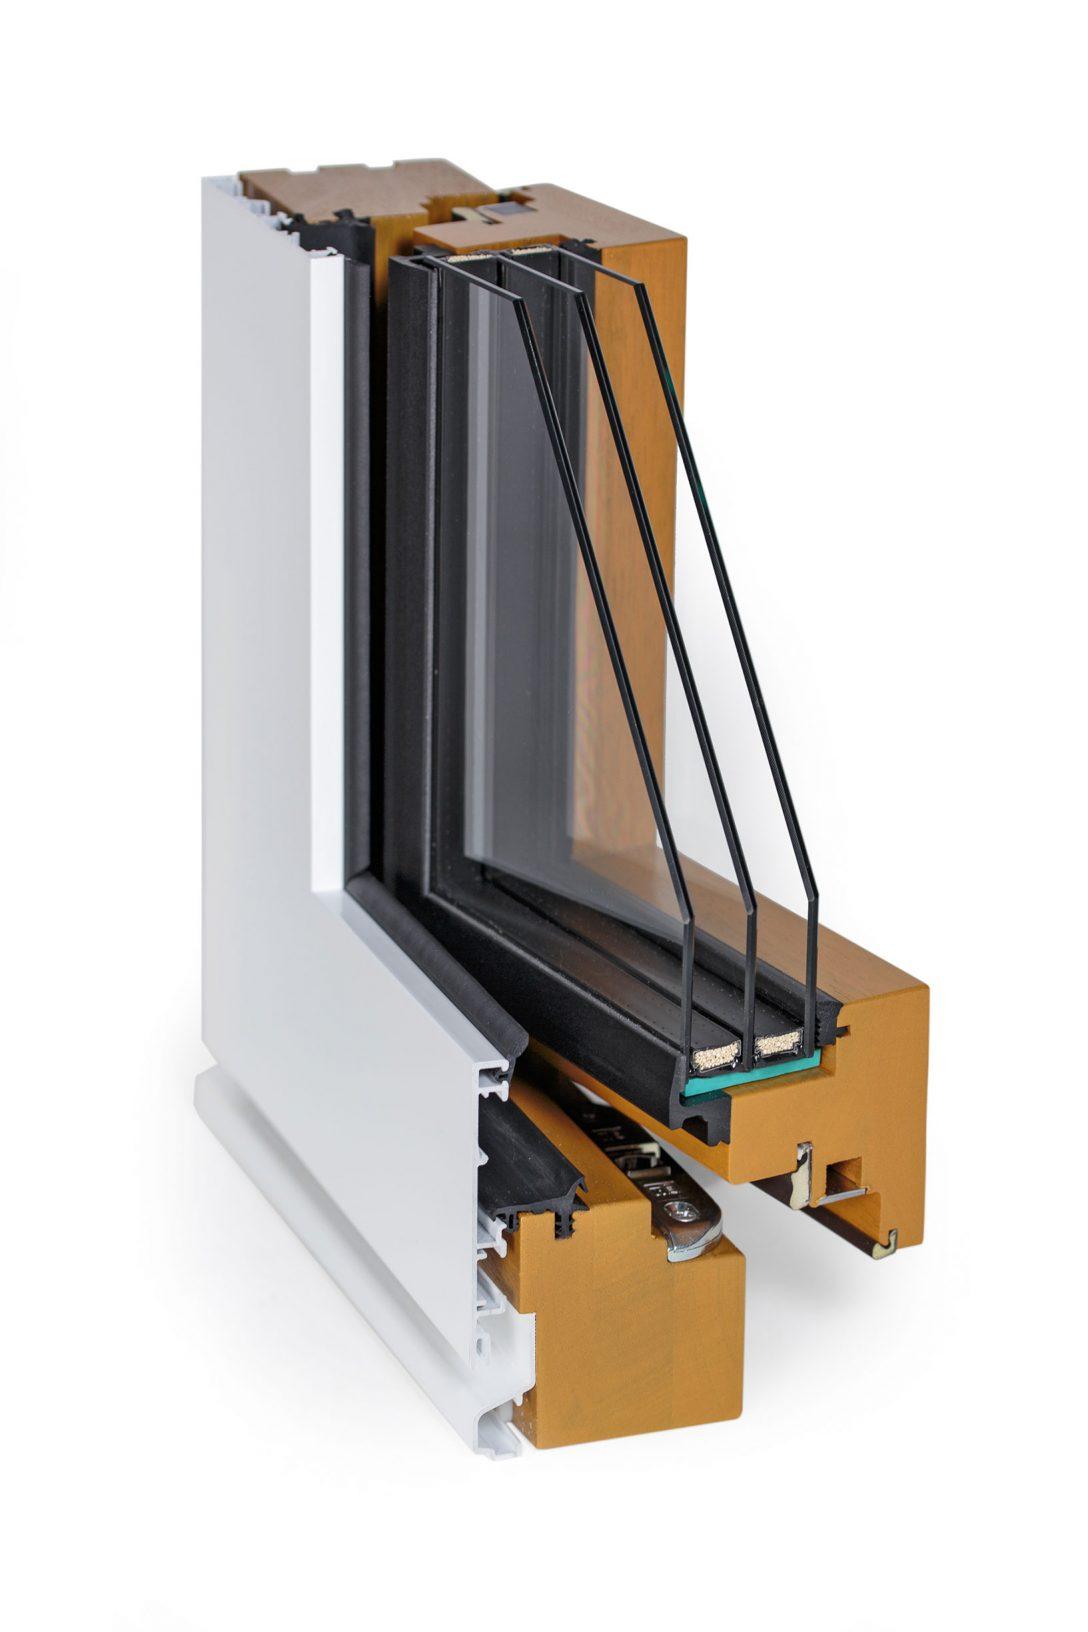 Large Size of Fenster Holz Alu Hersteller Oder Kunststofffenster Preisunterschied Kosten Erfahrungen Holz Alu Fenster Welche Kunststoff Preisvergleich Kostenvergleich Fenster Fenster Holz Alu